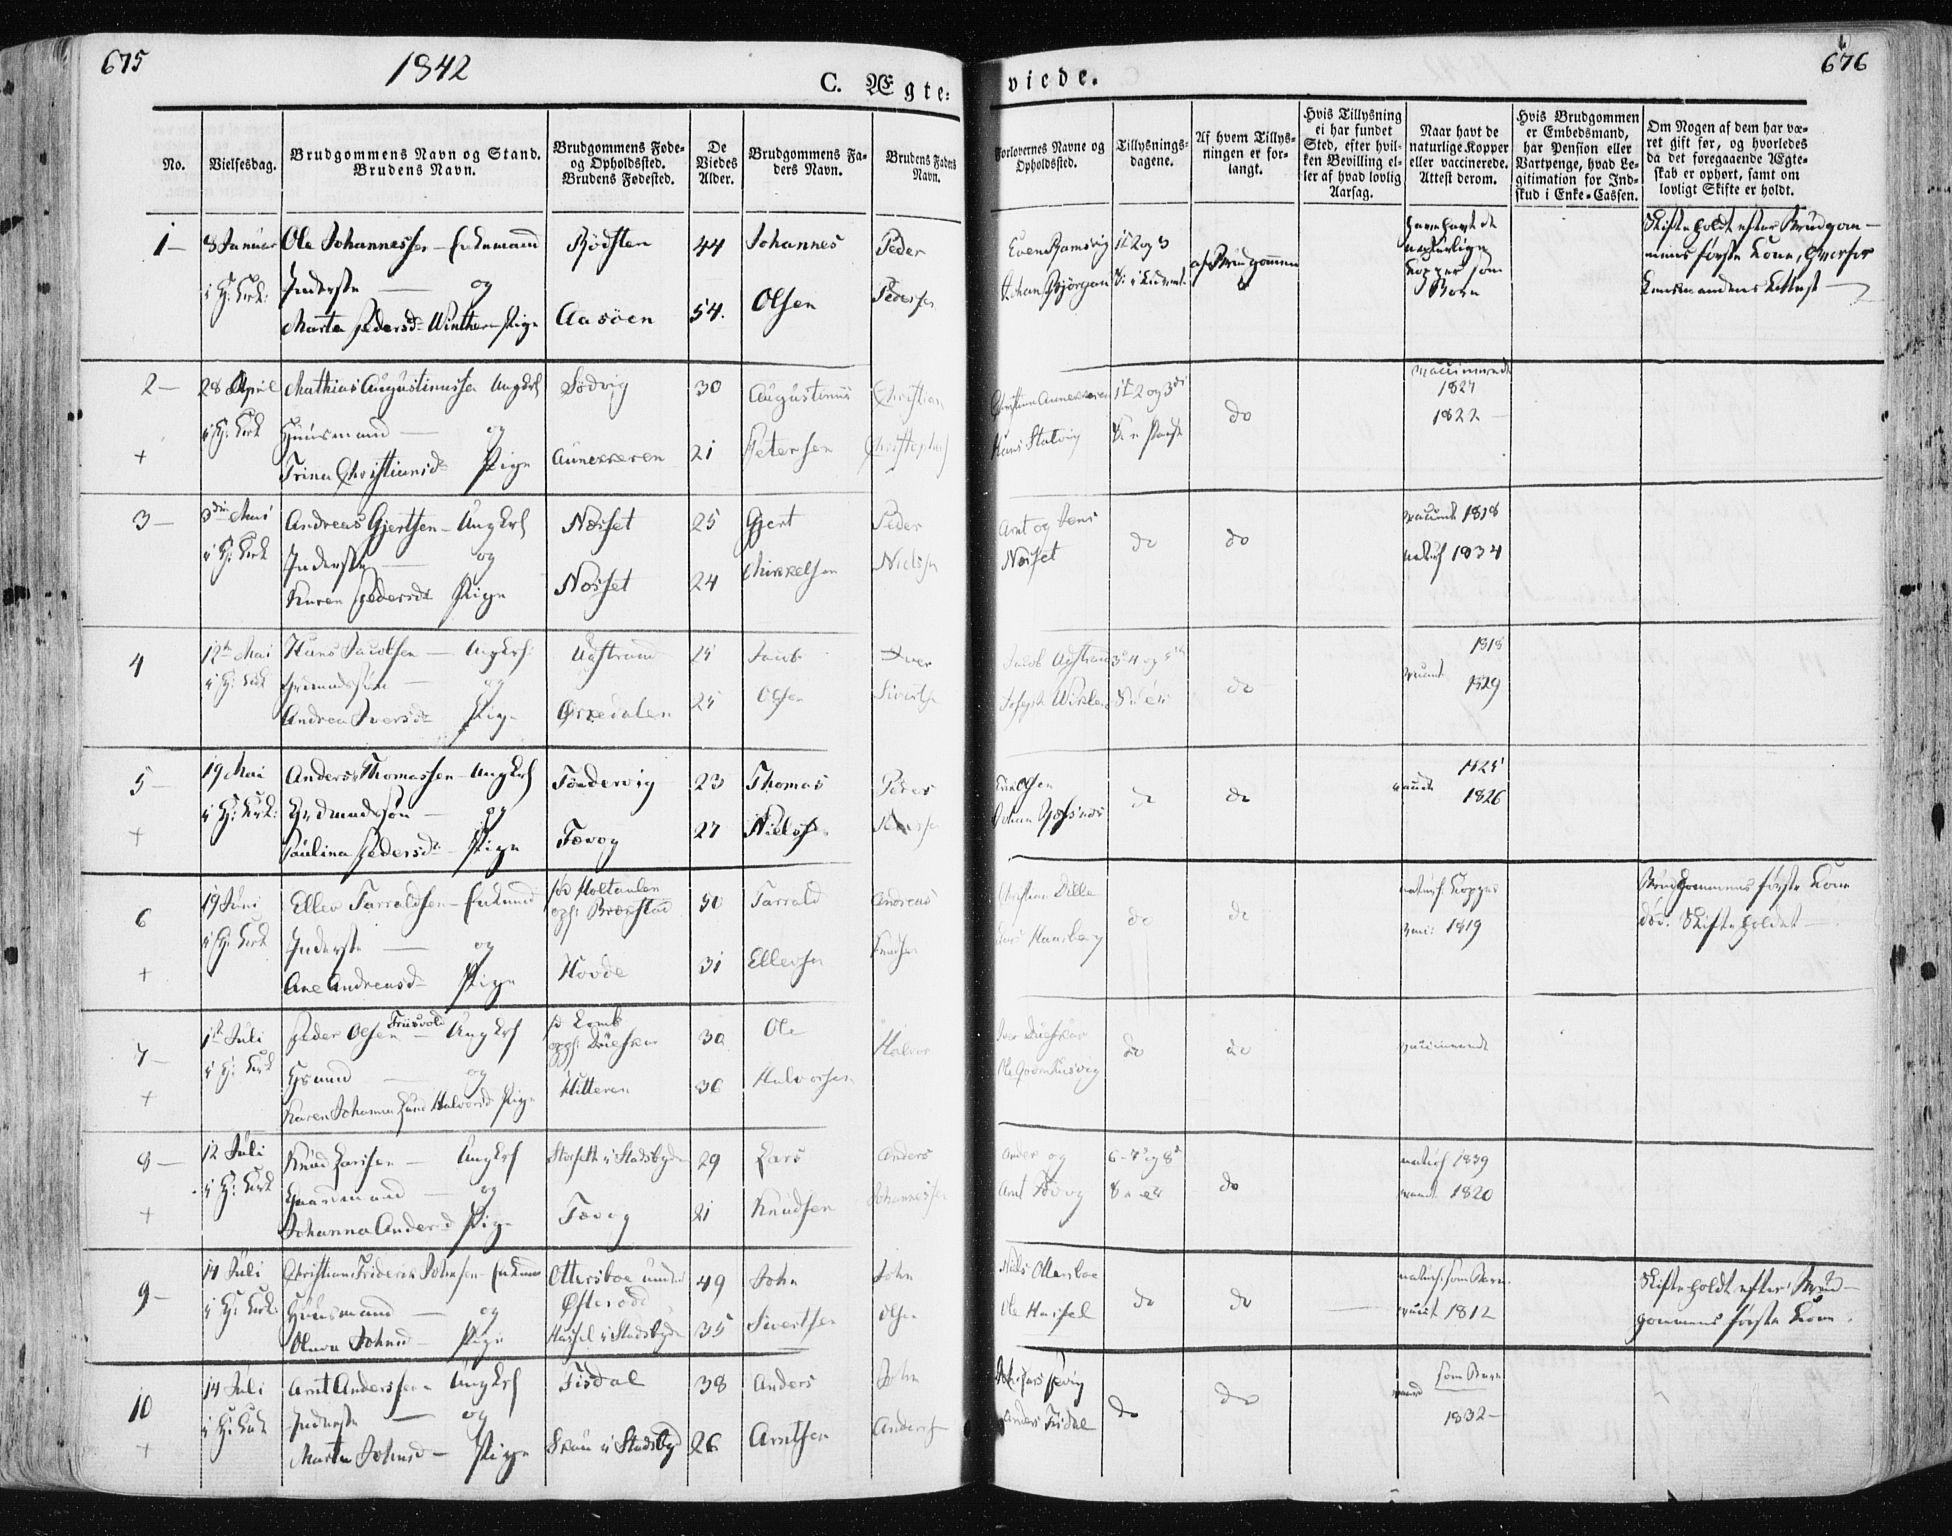 SAT, Ministerialprotokoller, klokkerbøker og fødselsregistre - Sør-Trøndelag, 659/L0736: Ministerialbok nr. 659A06, 1842-1856, s. 675-676